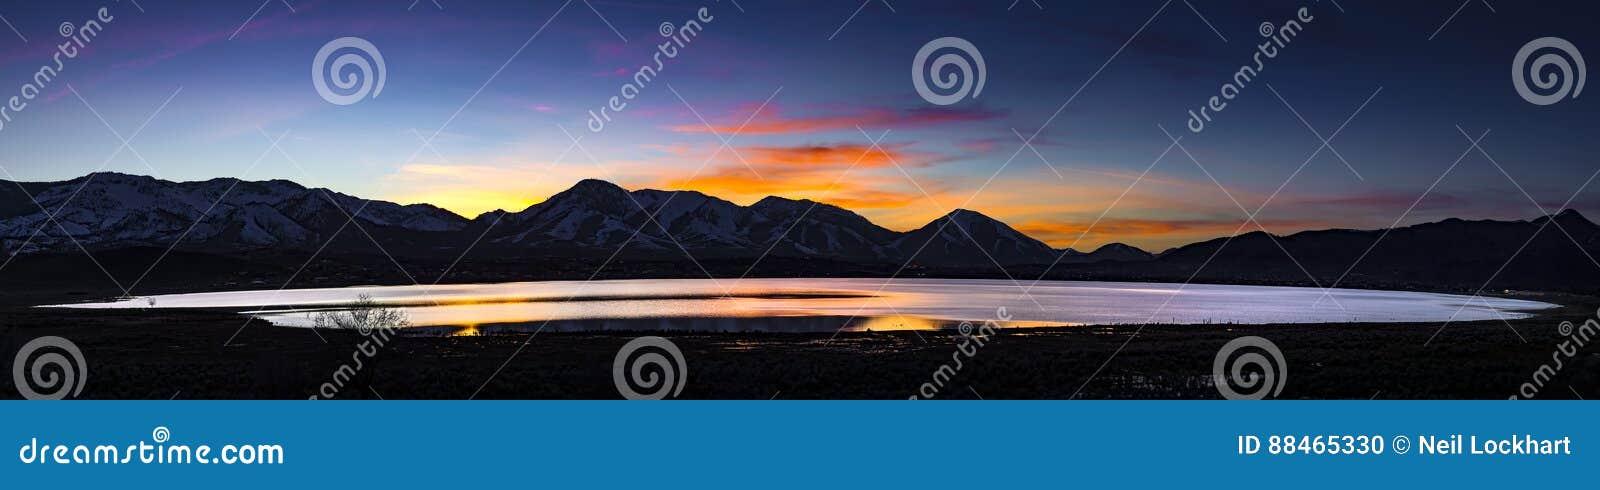 Pustynny jezioro, zalewający playa przy zmierzchem z pasmami górskimi i kolorowe chmury,